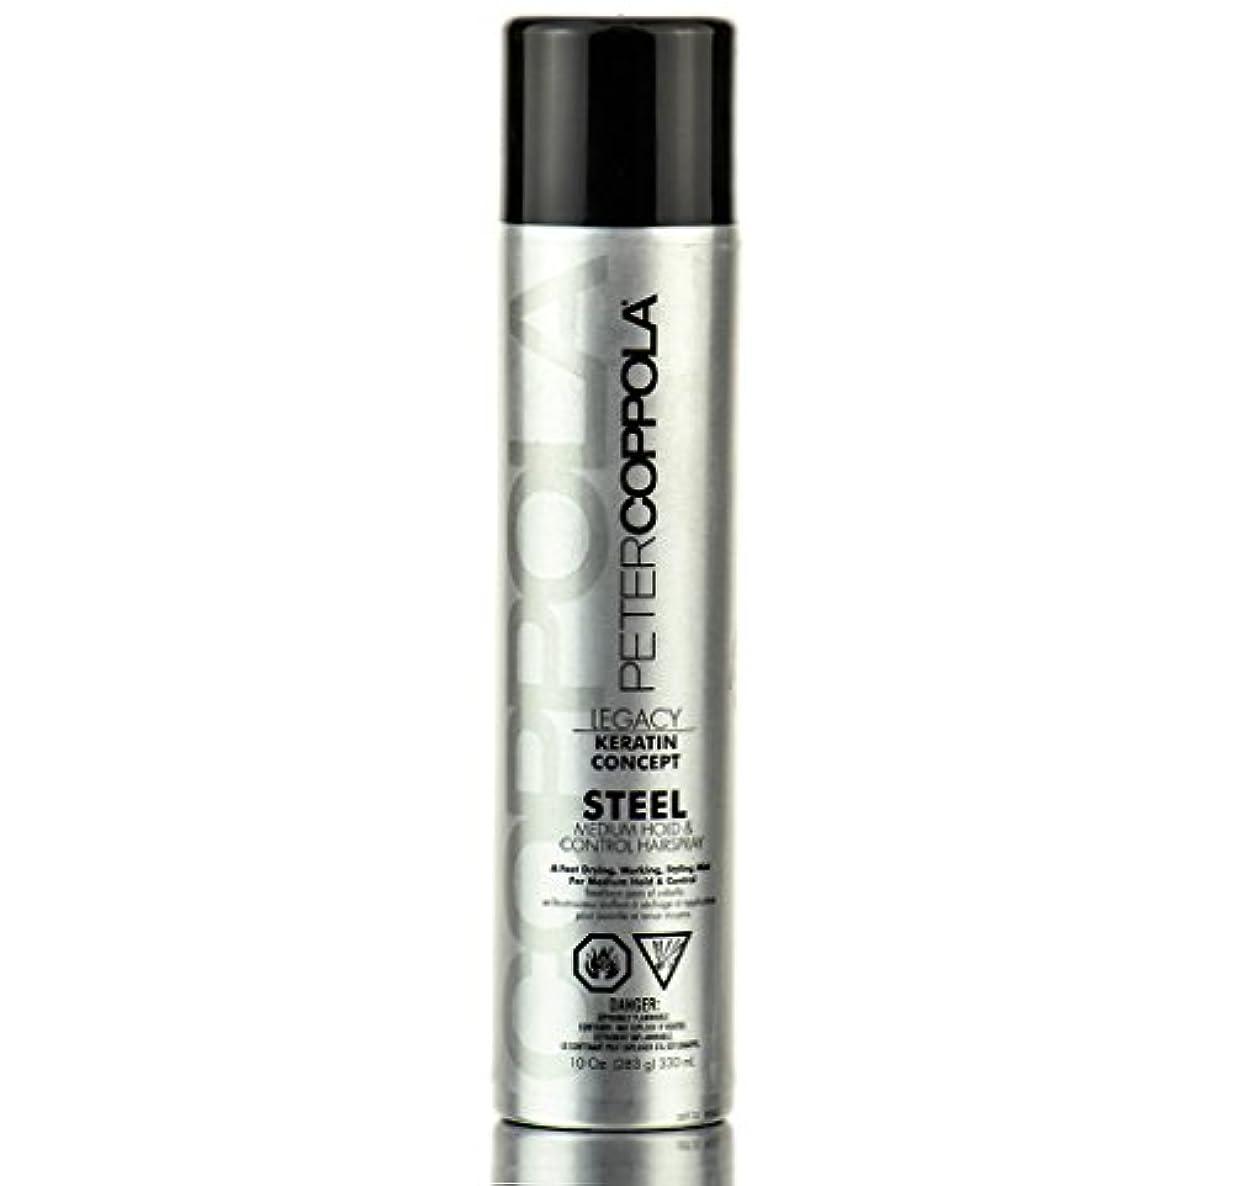 バングスクレーパーリークPeter Coppola スチールヘアスプレー - 軽量、ミディアムホールド、柔軟なホールドは、スタイリングヘアボリューム&スタイリングのすべての髪のタイプを追加するための10オンスミディアムシャインスプレー medium_hold